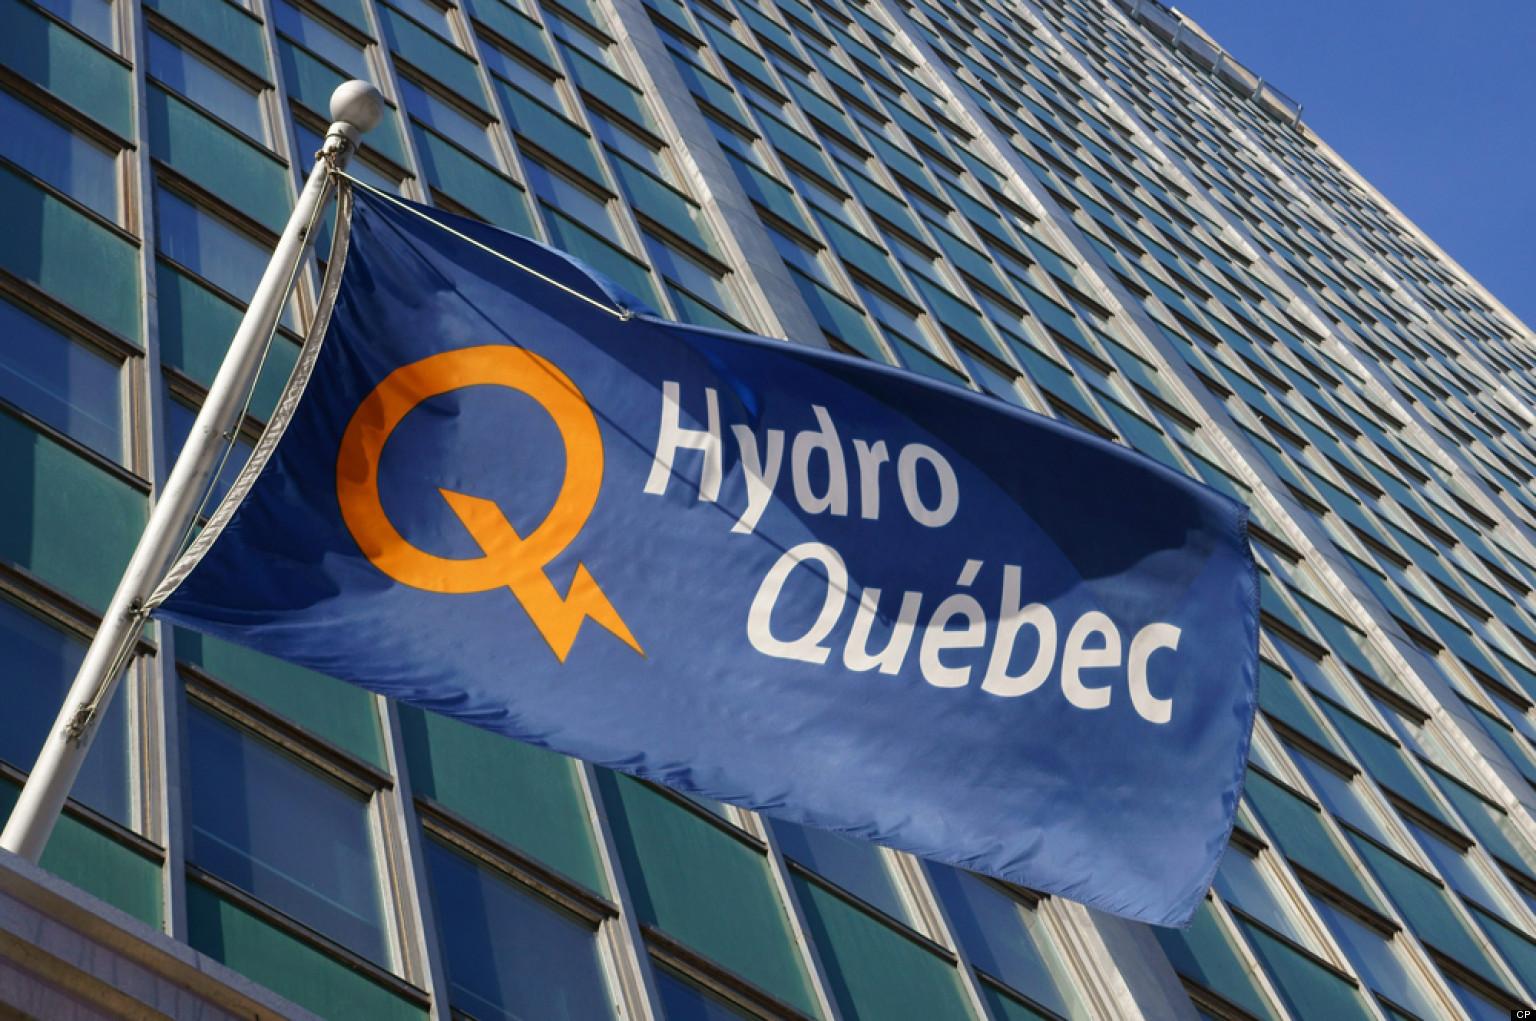 Майнеры направили сотни запросов в «Hydro-Quebec»